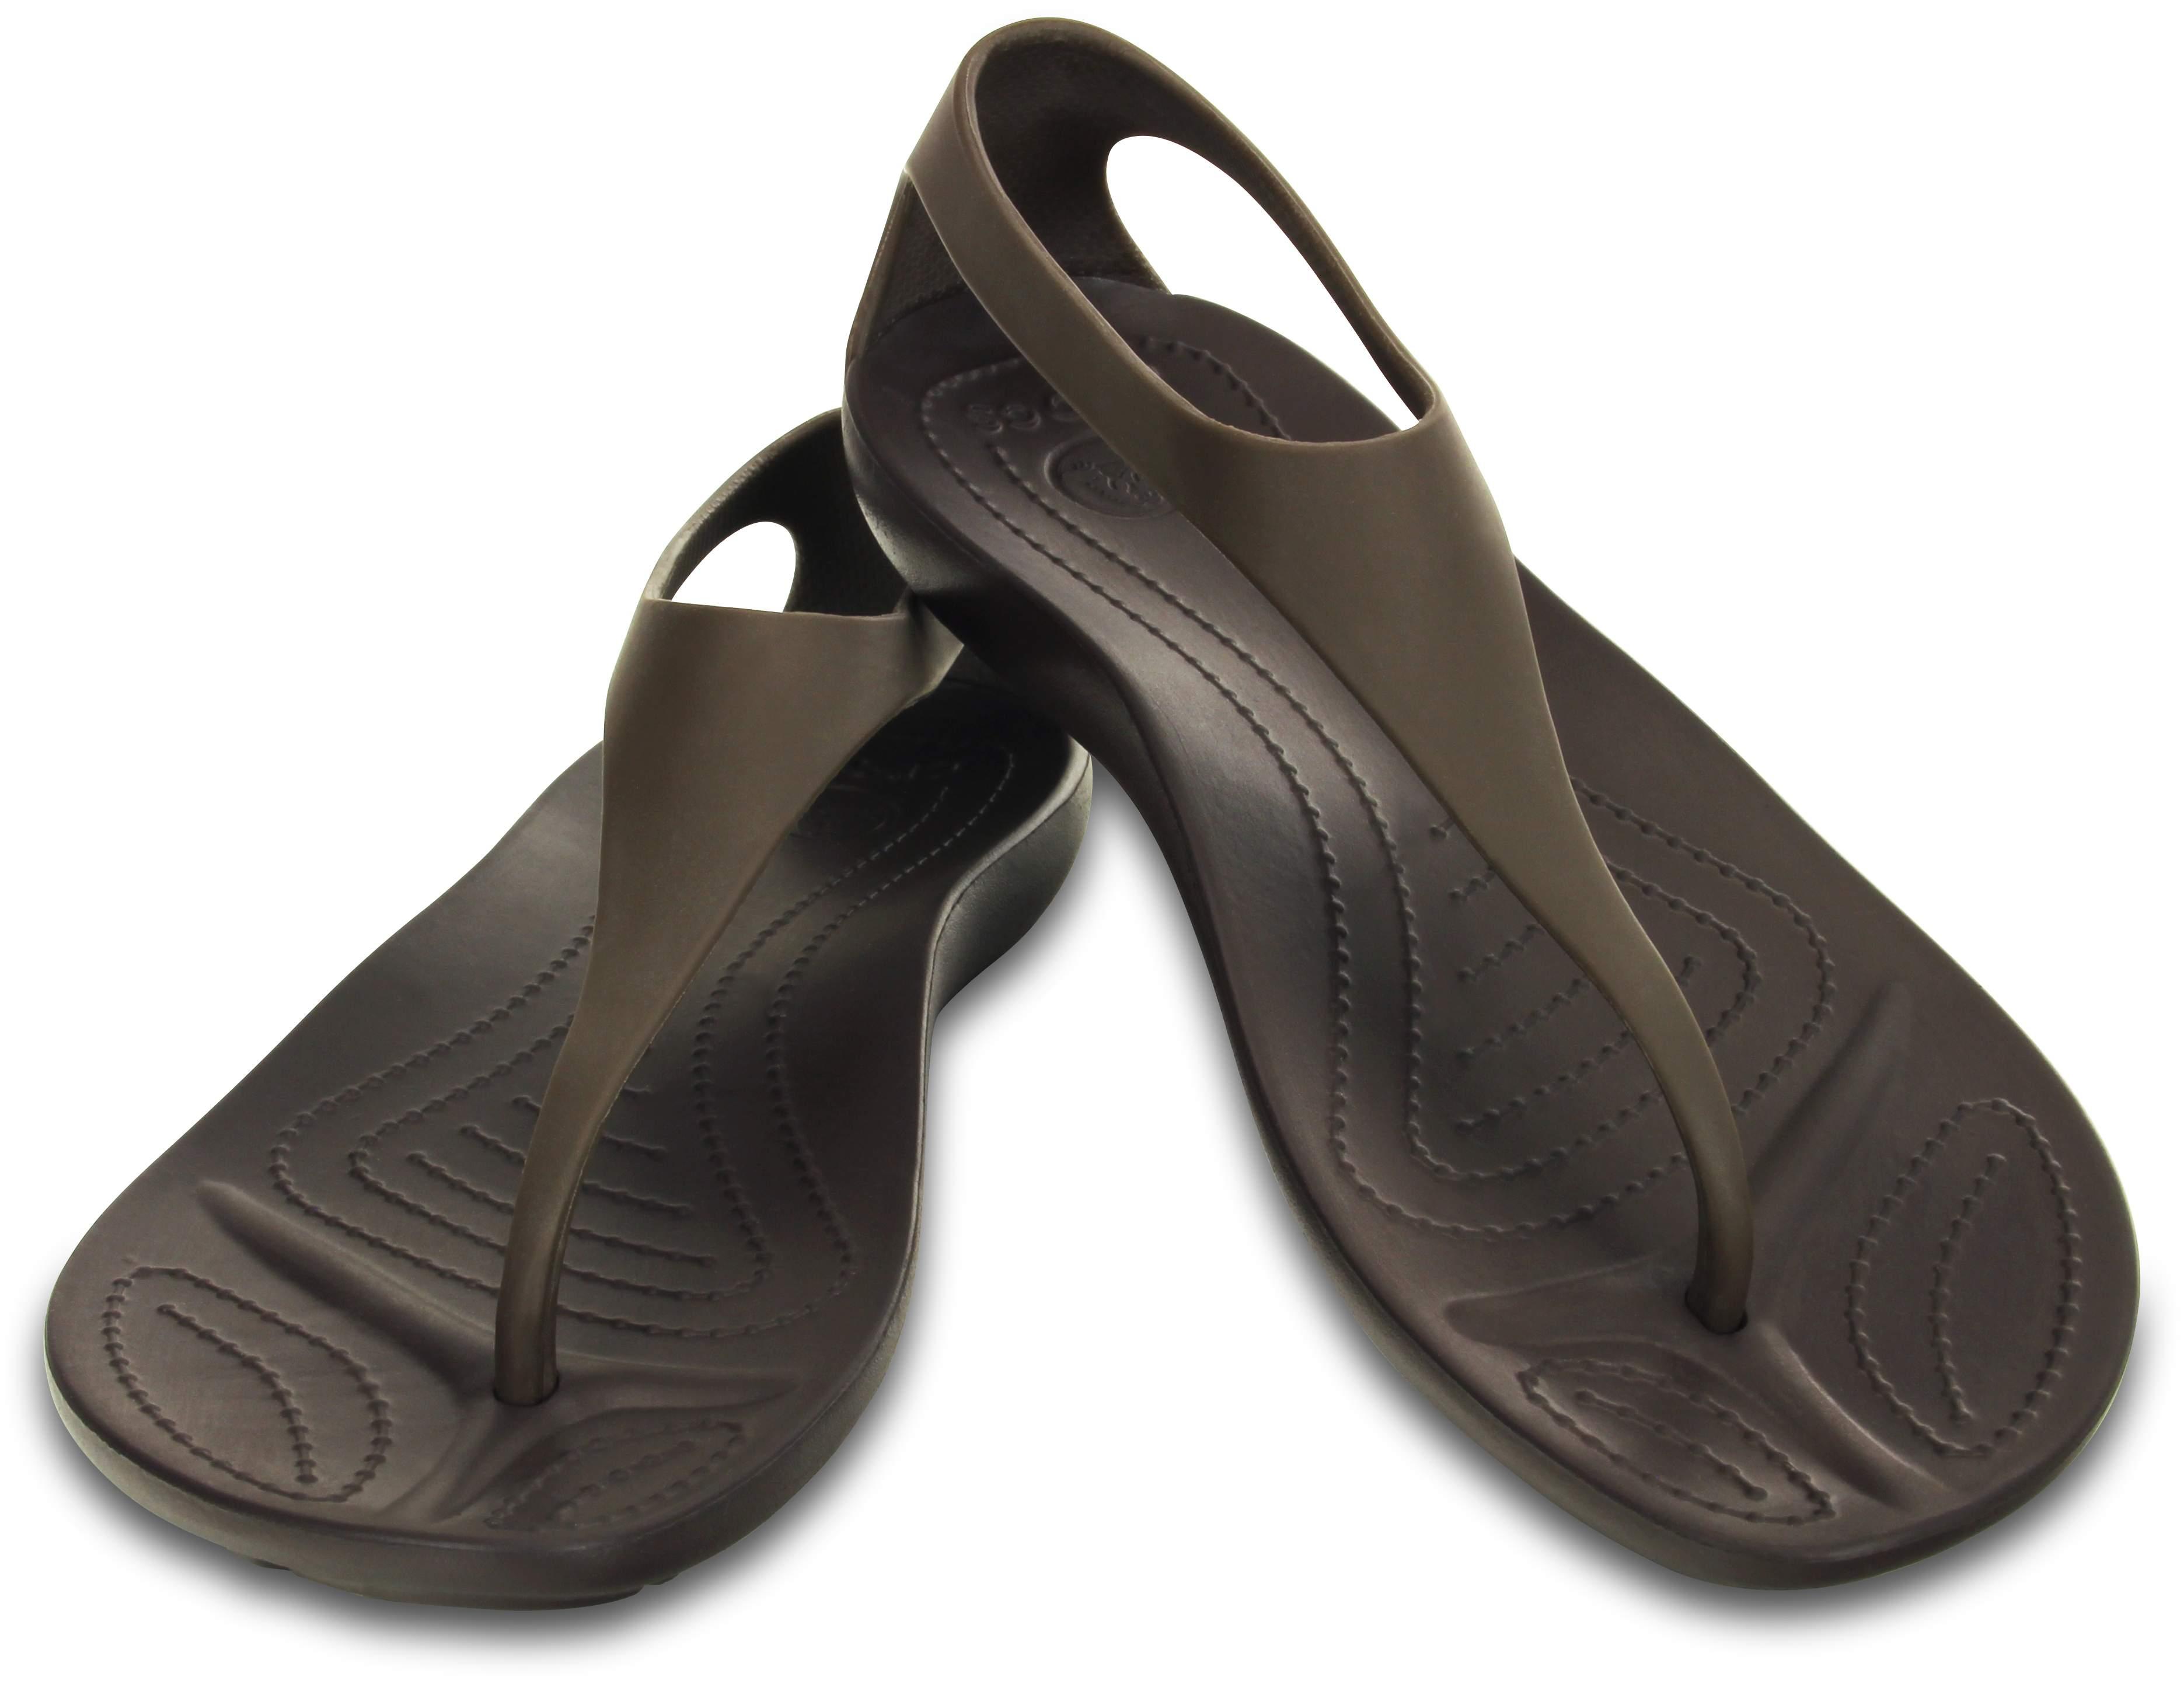 Crocs really sexy sandal